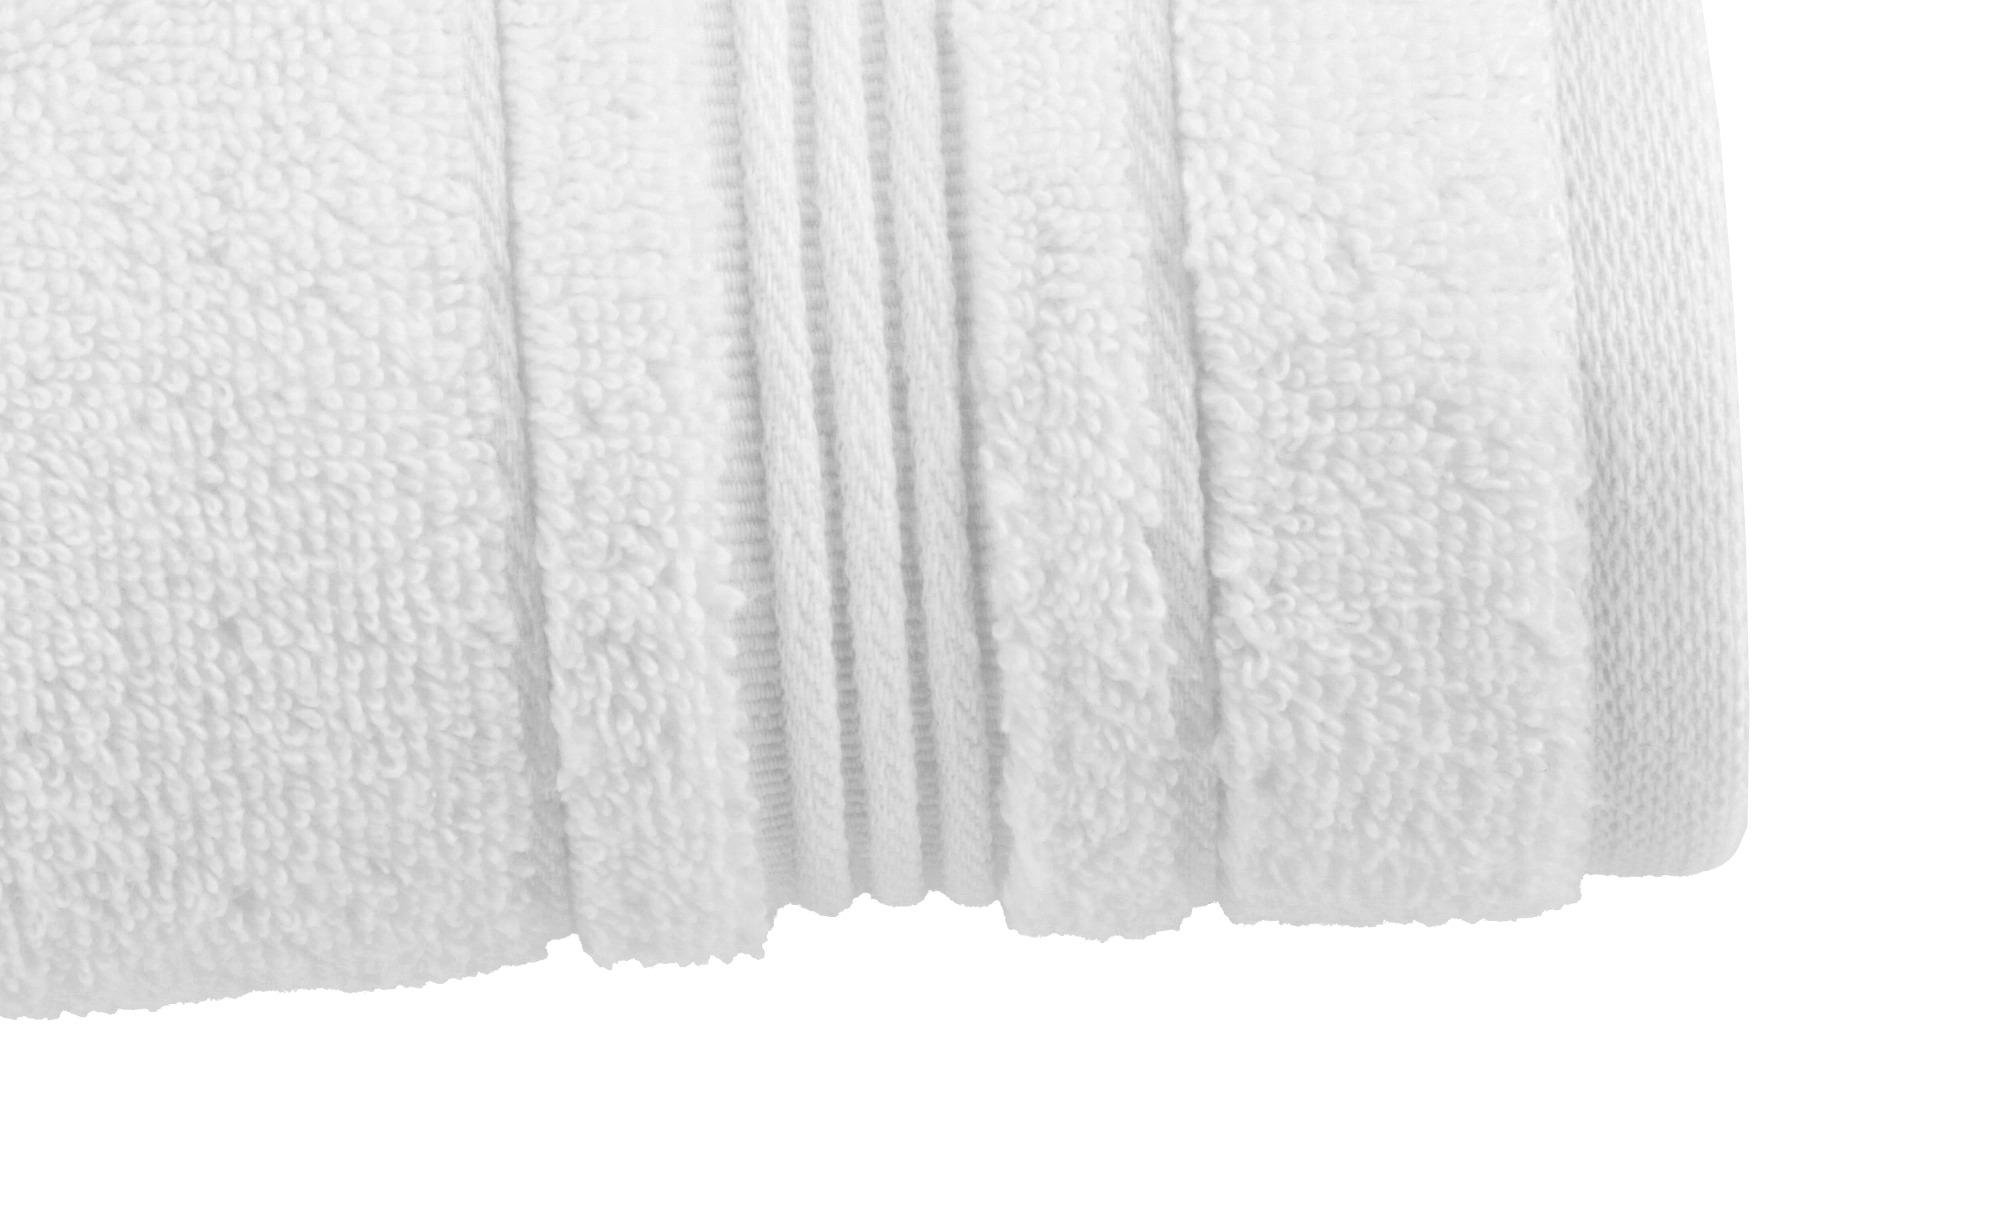 VOSSEN Duschtuch  Soft Dreams ¦ weiß ¦ 100% Baumwolle ¦ Maße (cm): B: 67 Badtextilien und Zubehör > Handtücher & Badetücher > Duschtücher - Höffner